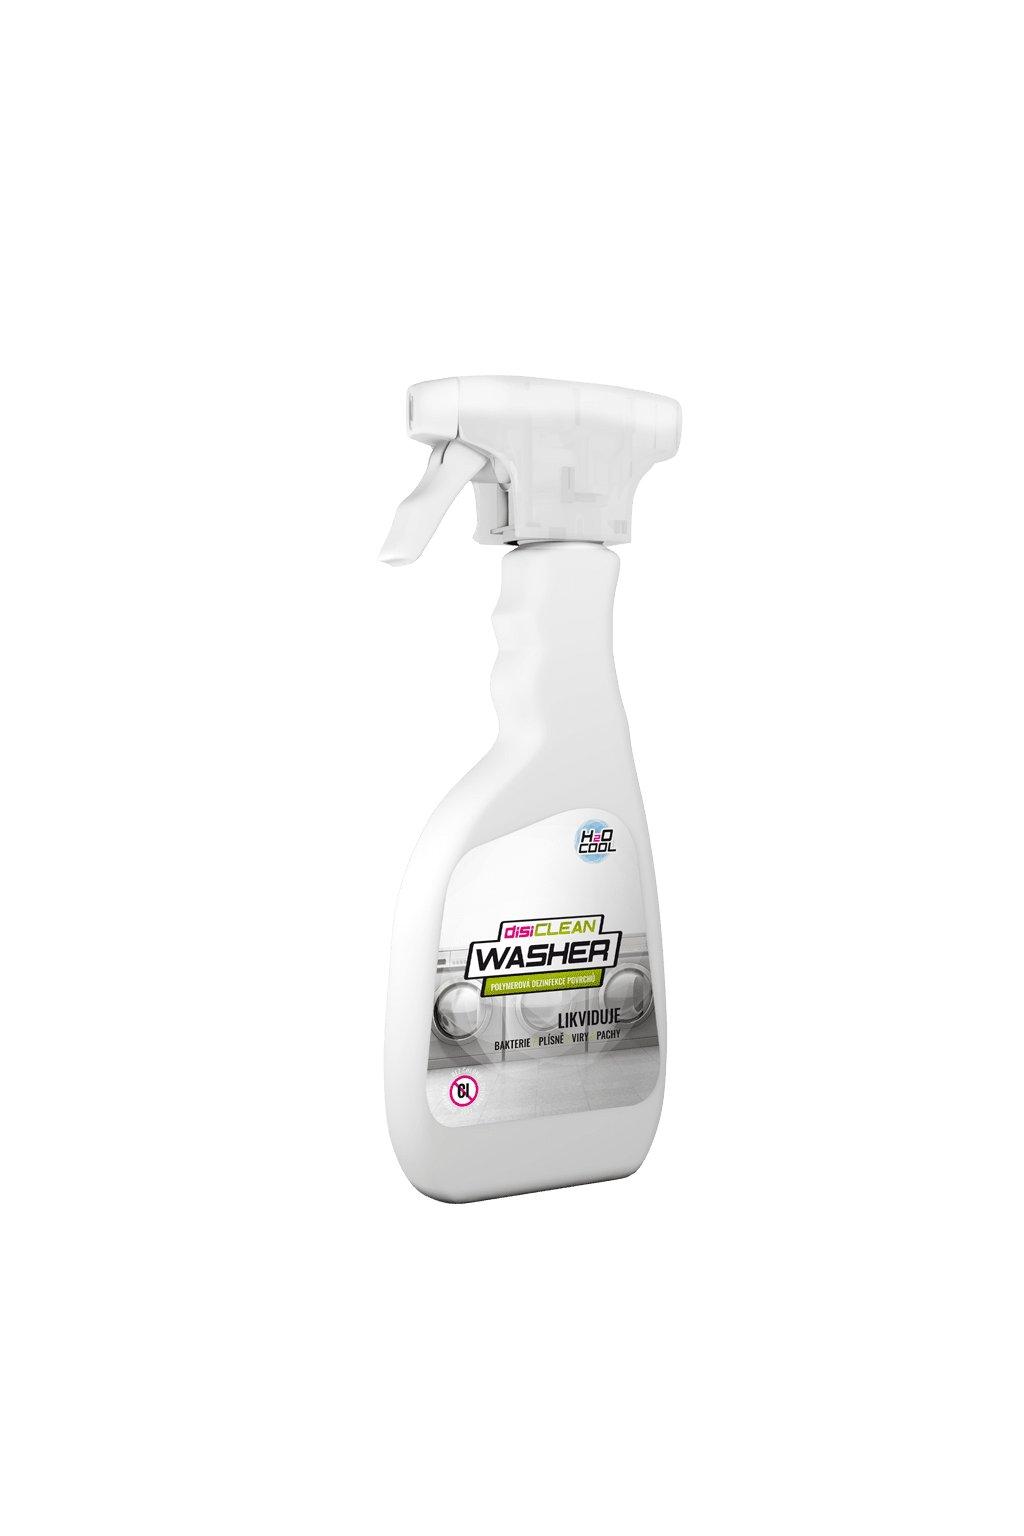 22 bezchlorovy dezinfekcni prostredek pradla pracky h2o disiclean washer